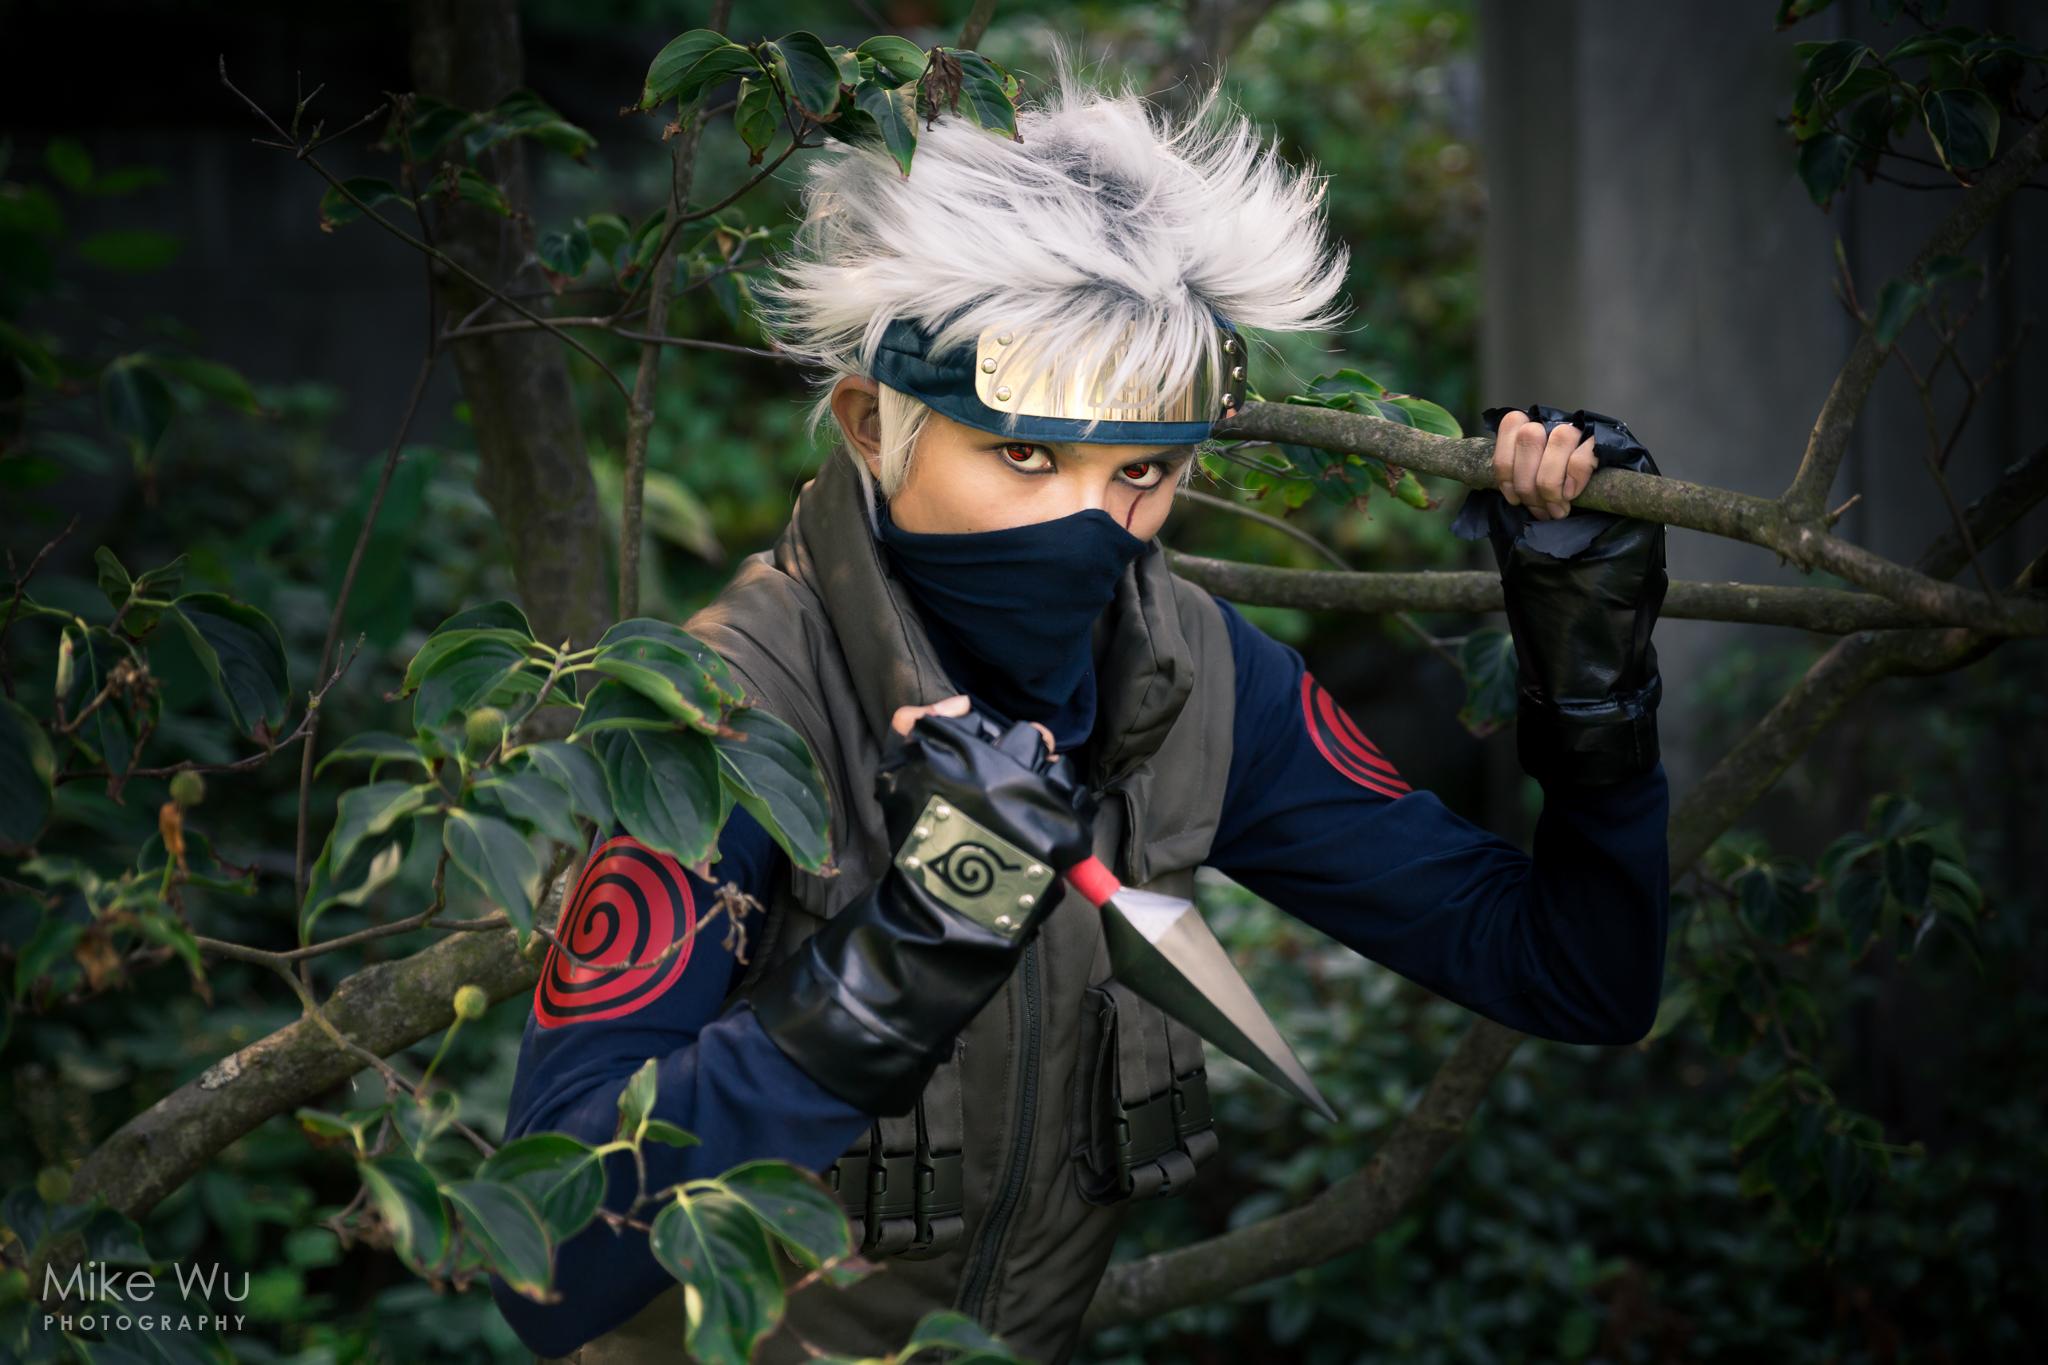 kakashi, ninja, naruto, anime, manga, leaf, kunai, cosplay